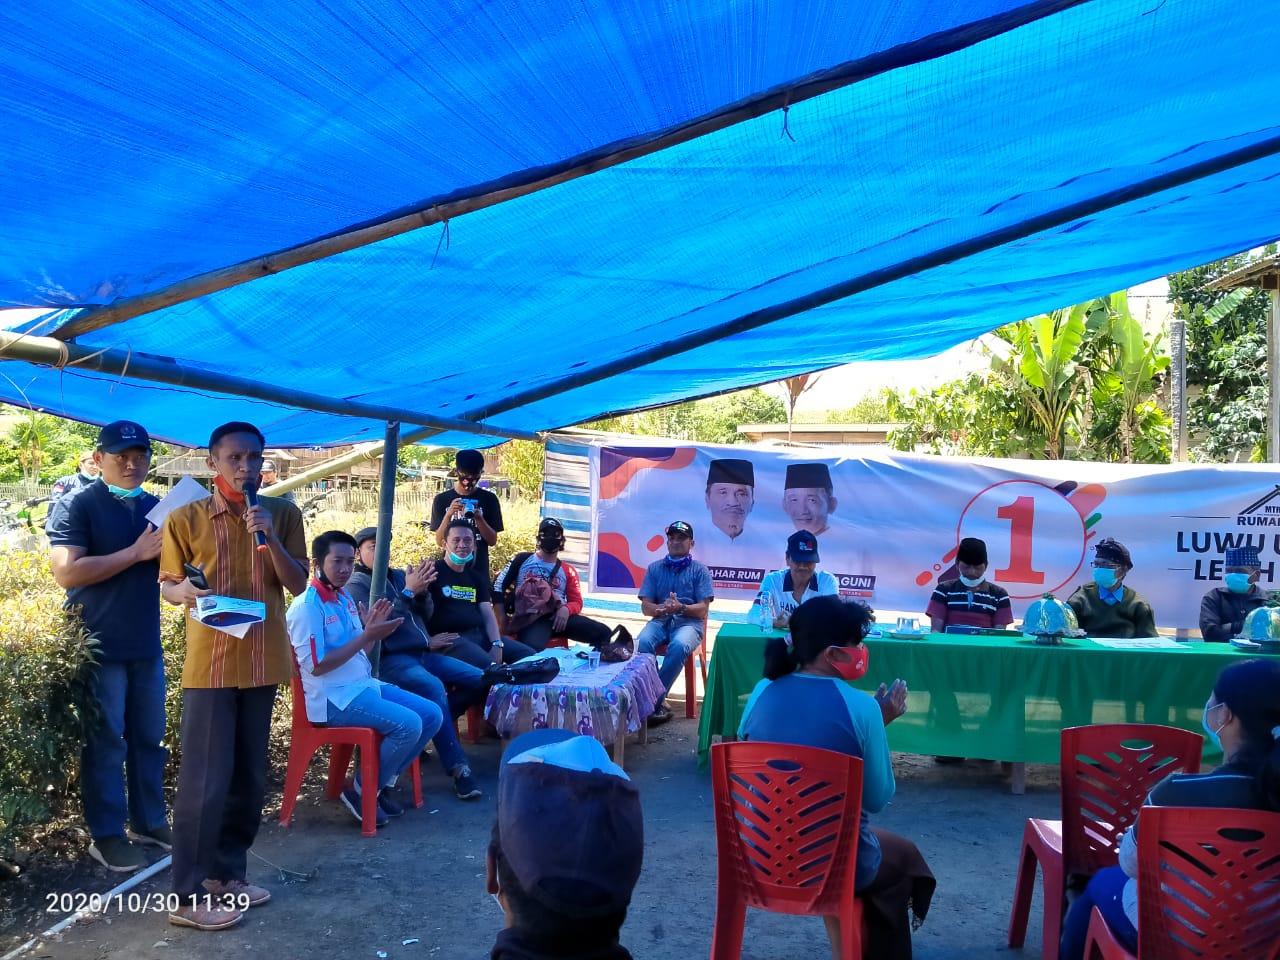 Warga Seko, Mandan Paratu Sebut Program Prioritas Nomor Urut 1 Masuk Akal Dan Berpihak Ke Masyarakat